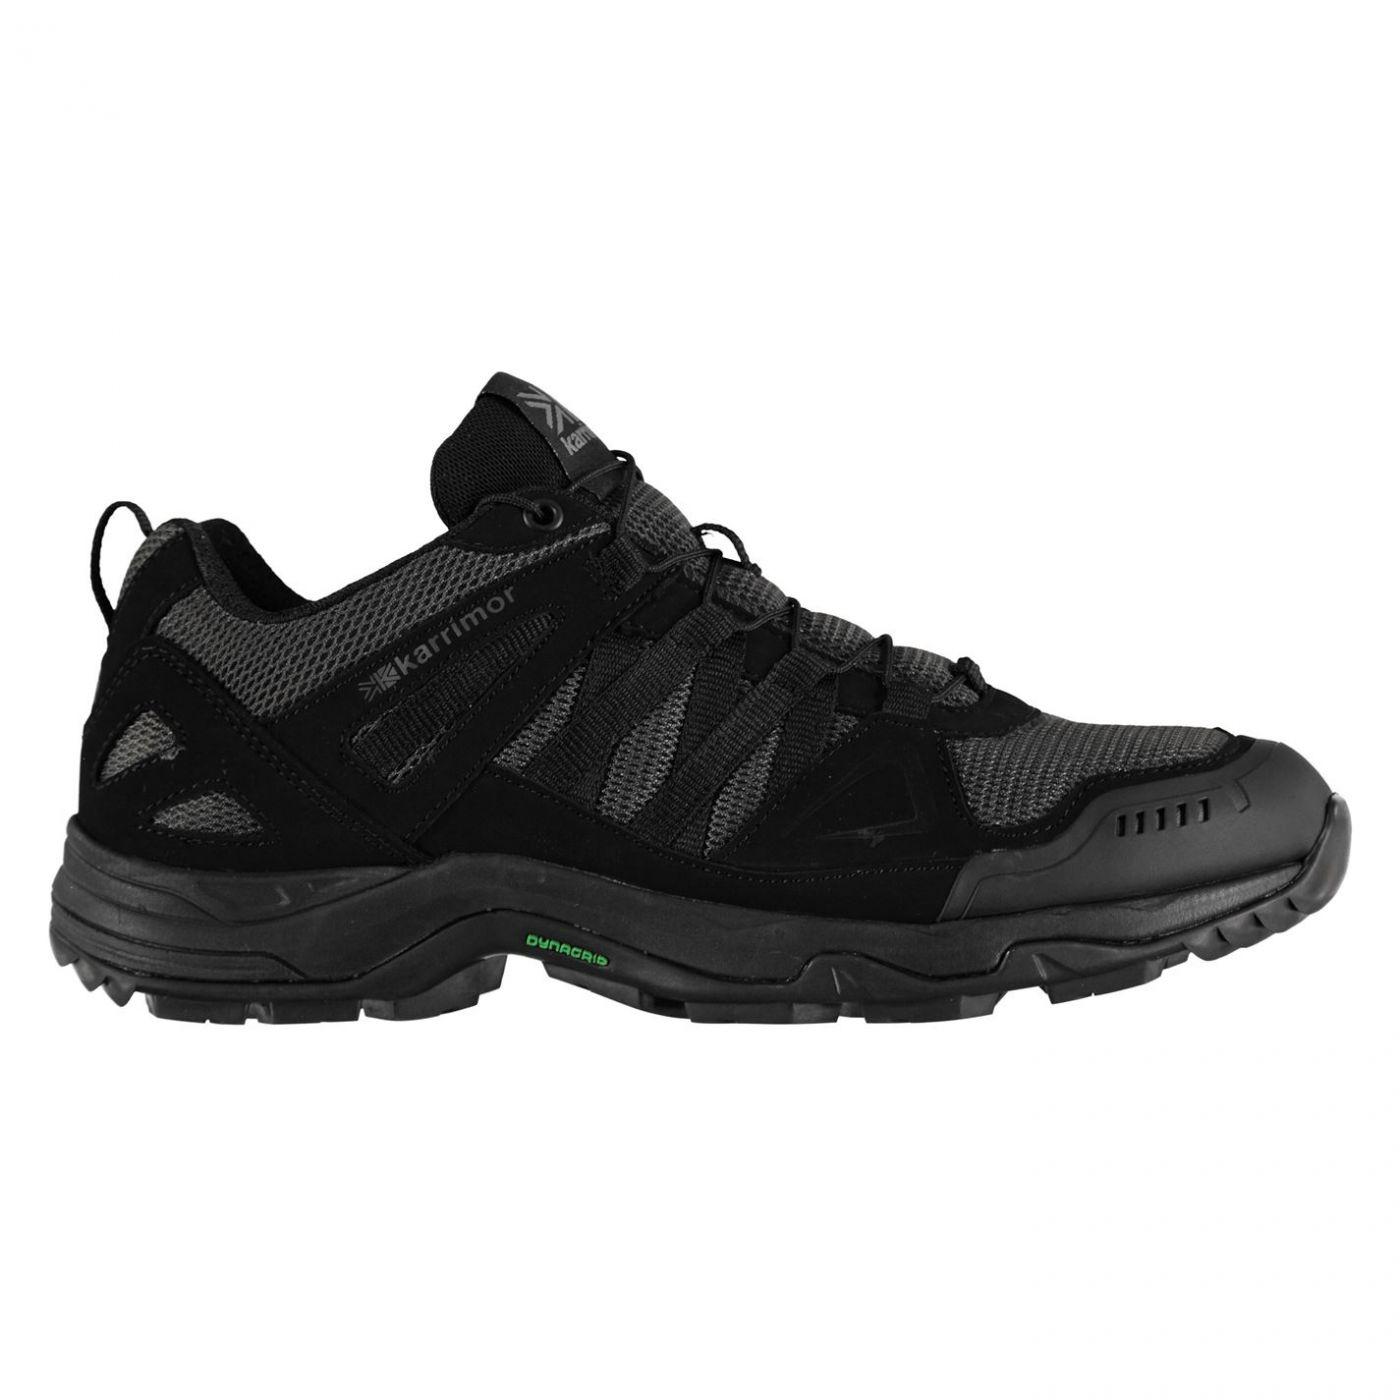 Karrimor Surge Low Mens Walking Shoes